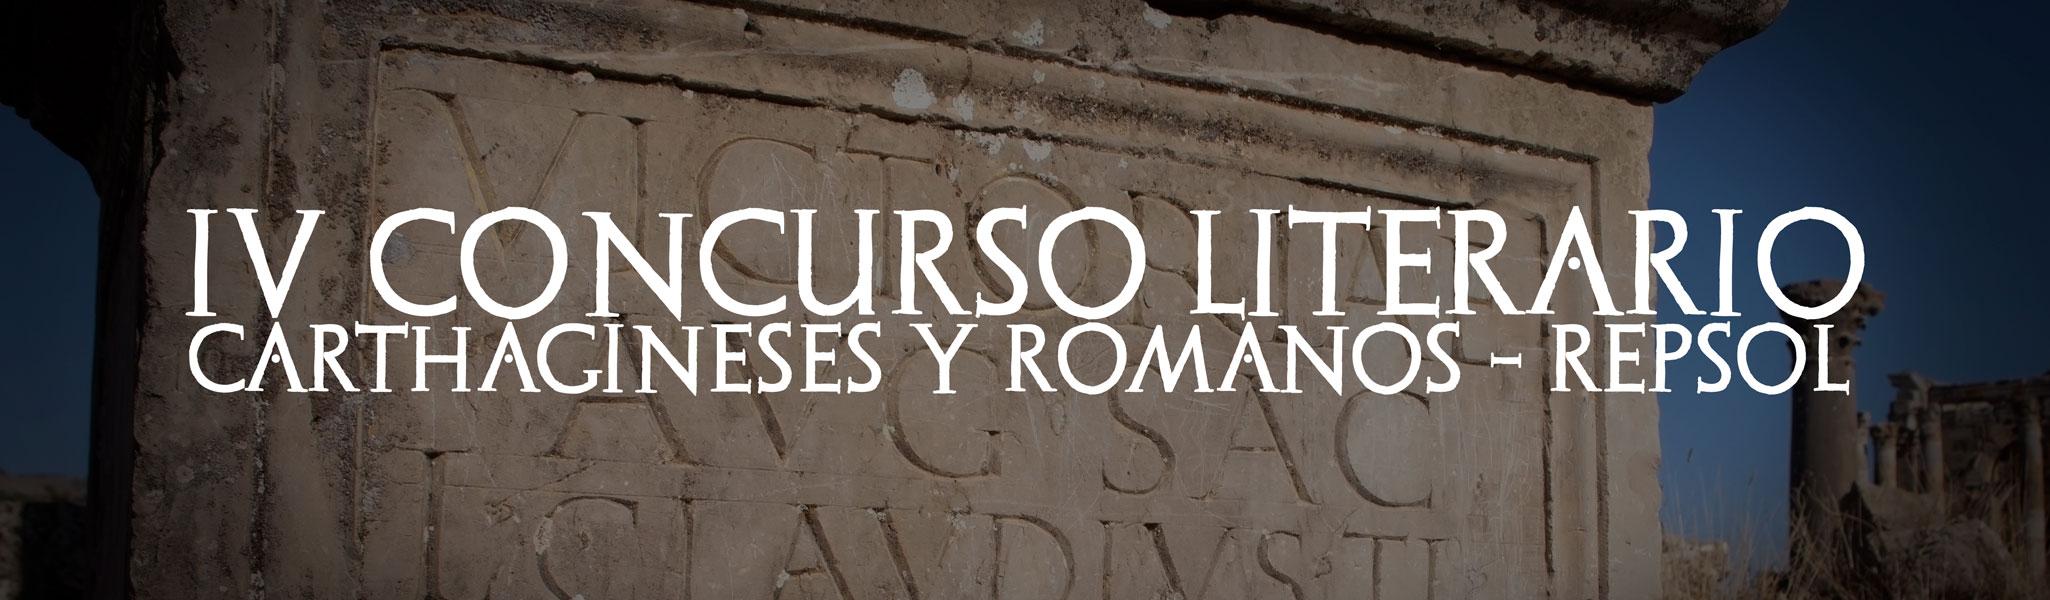 Arranca el IV Concurso Literario Carthagineses y Romanos de la mano de Repsol